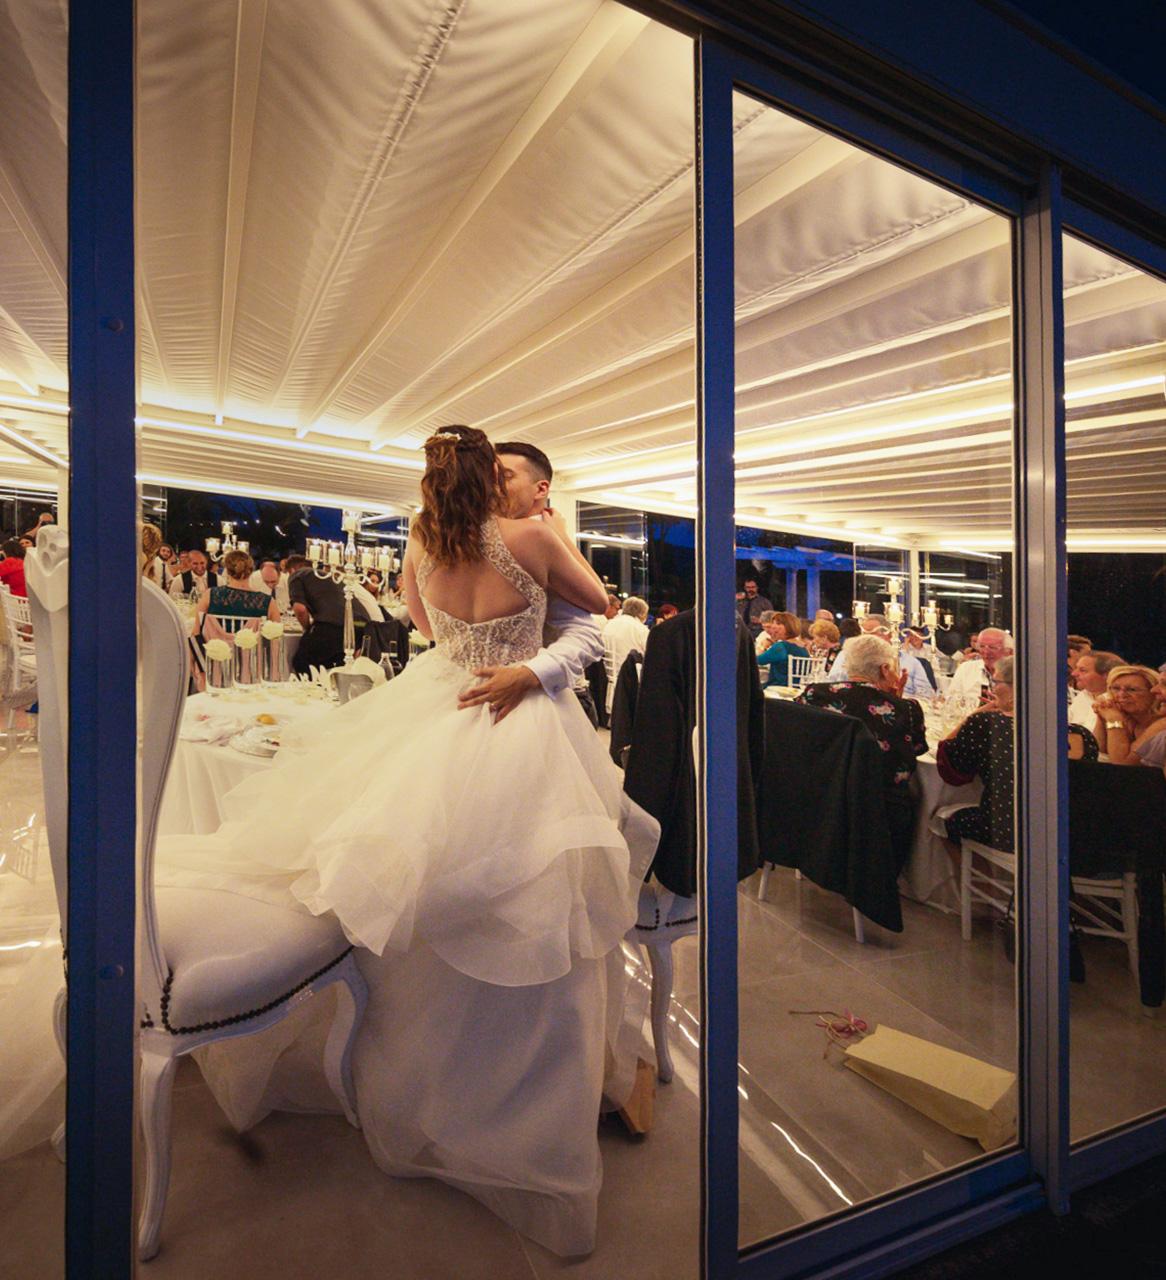 location per balli dopo matrimonio Cà Borghese, Ameglia (SP)